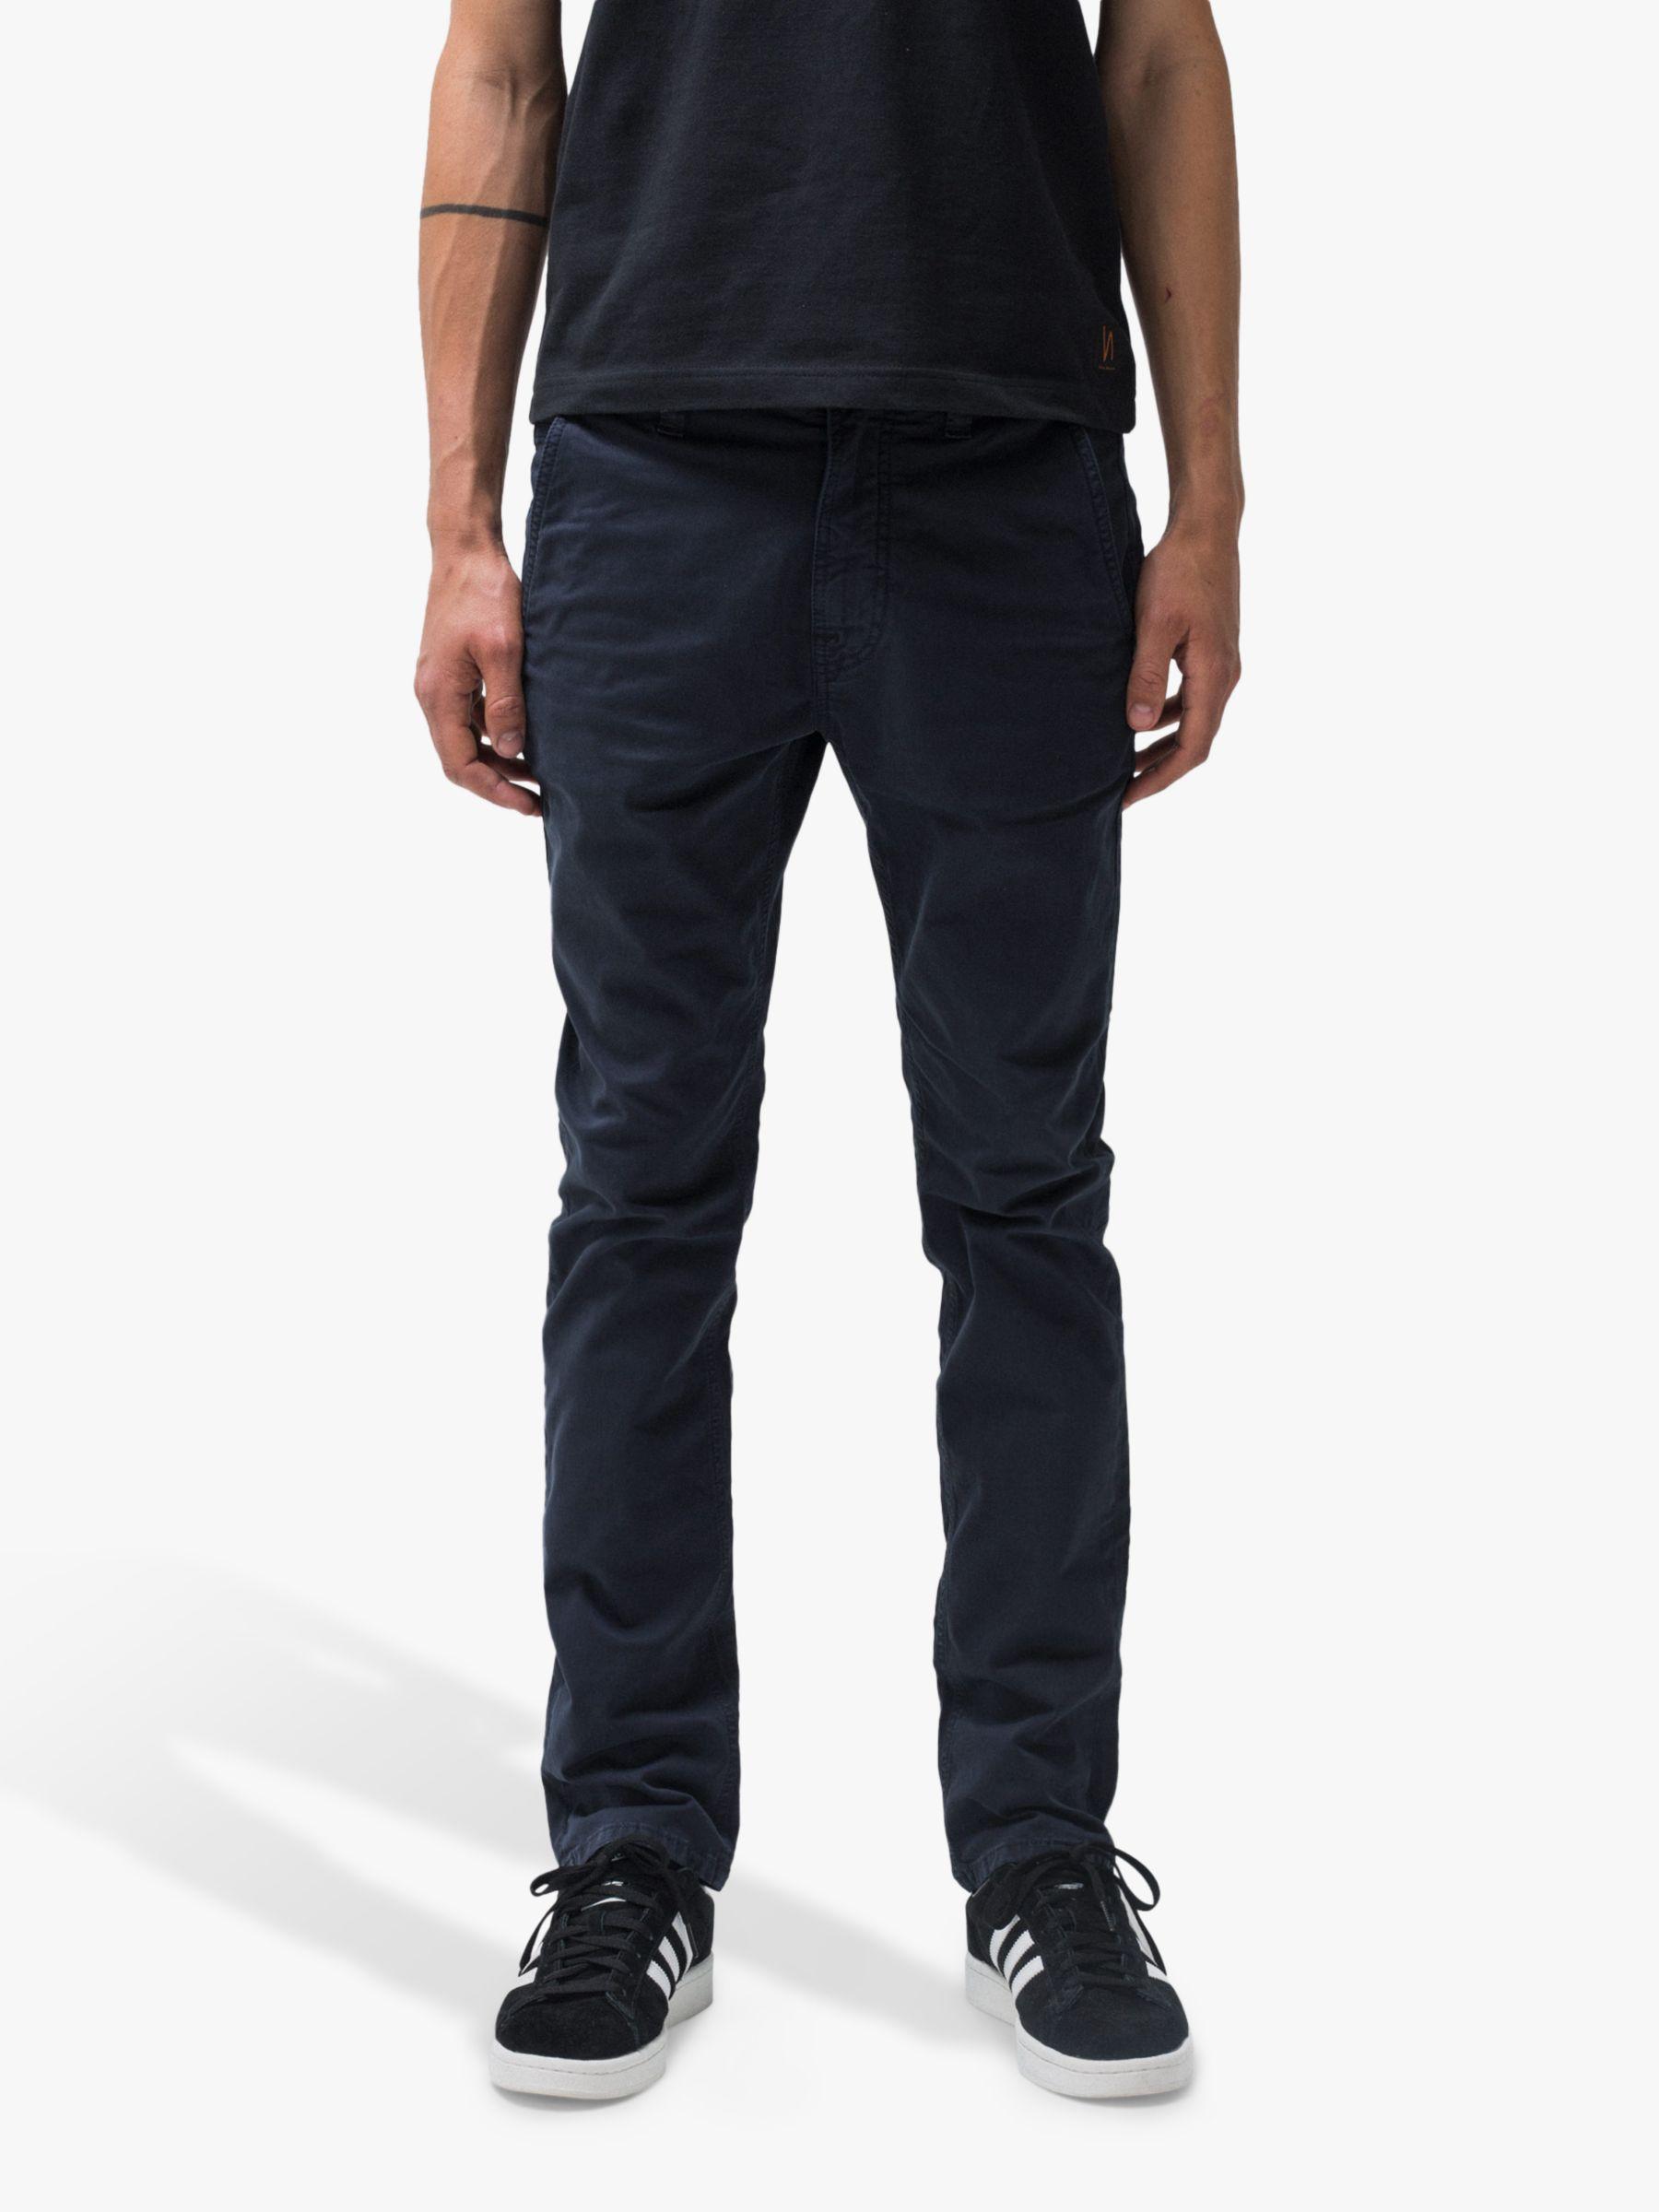 Nudie Jeans Nudie Jeans Slim Adam Chino Trousers